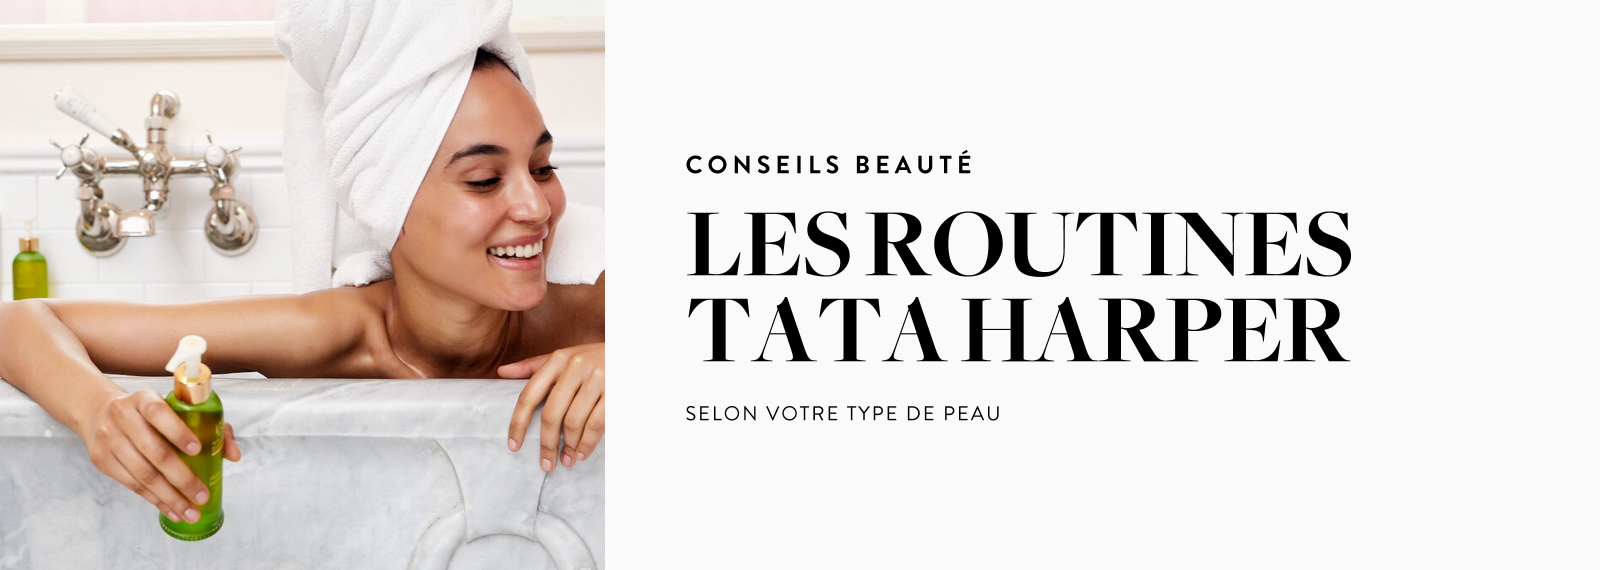 Conseils Beauté - Les Routines Tata Harper